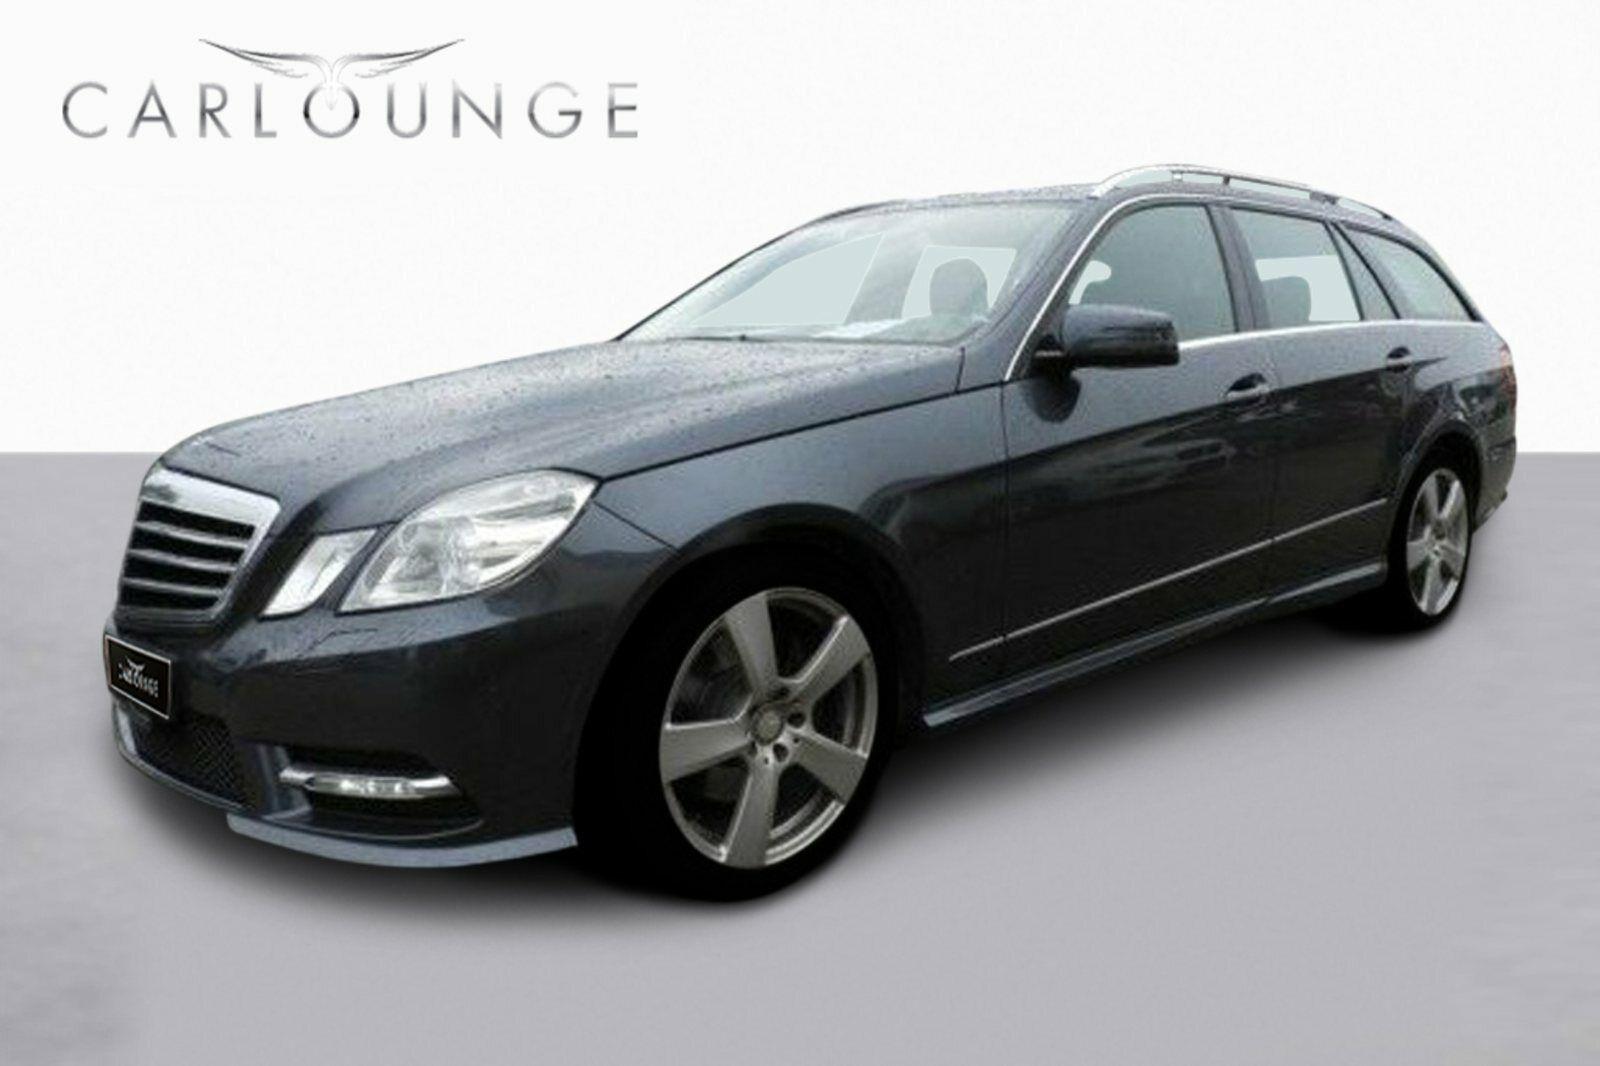 Mercedes E200 2,2 CDi AMG Line stc. aut. 5d - 1.863 kr.